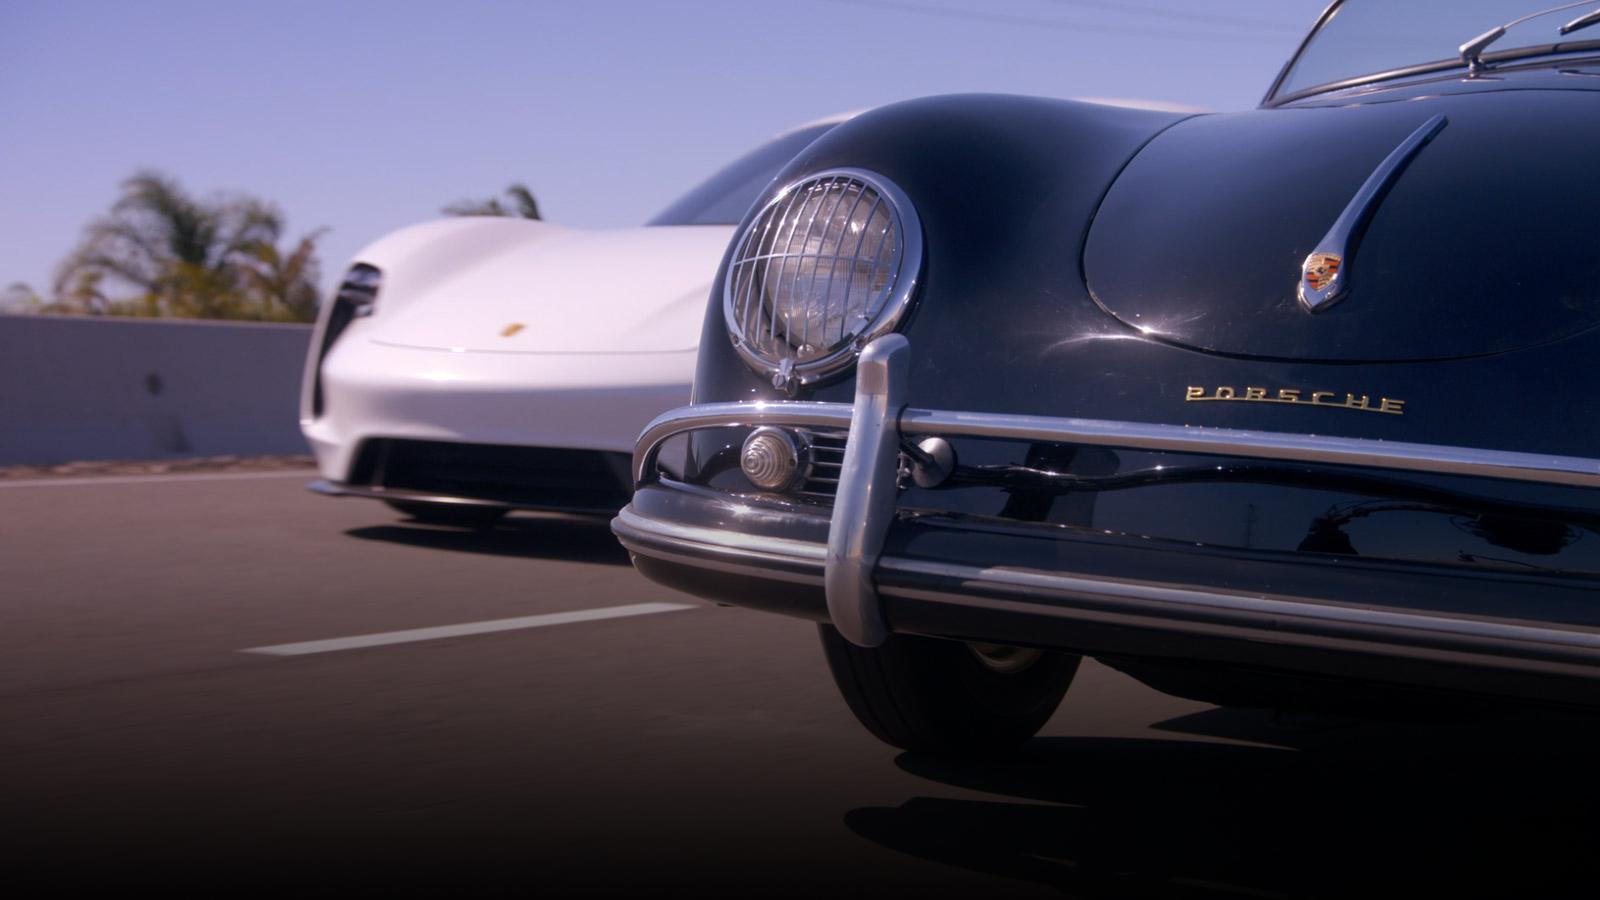 Porsche Adam Levine discovers the new Mission E